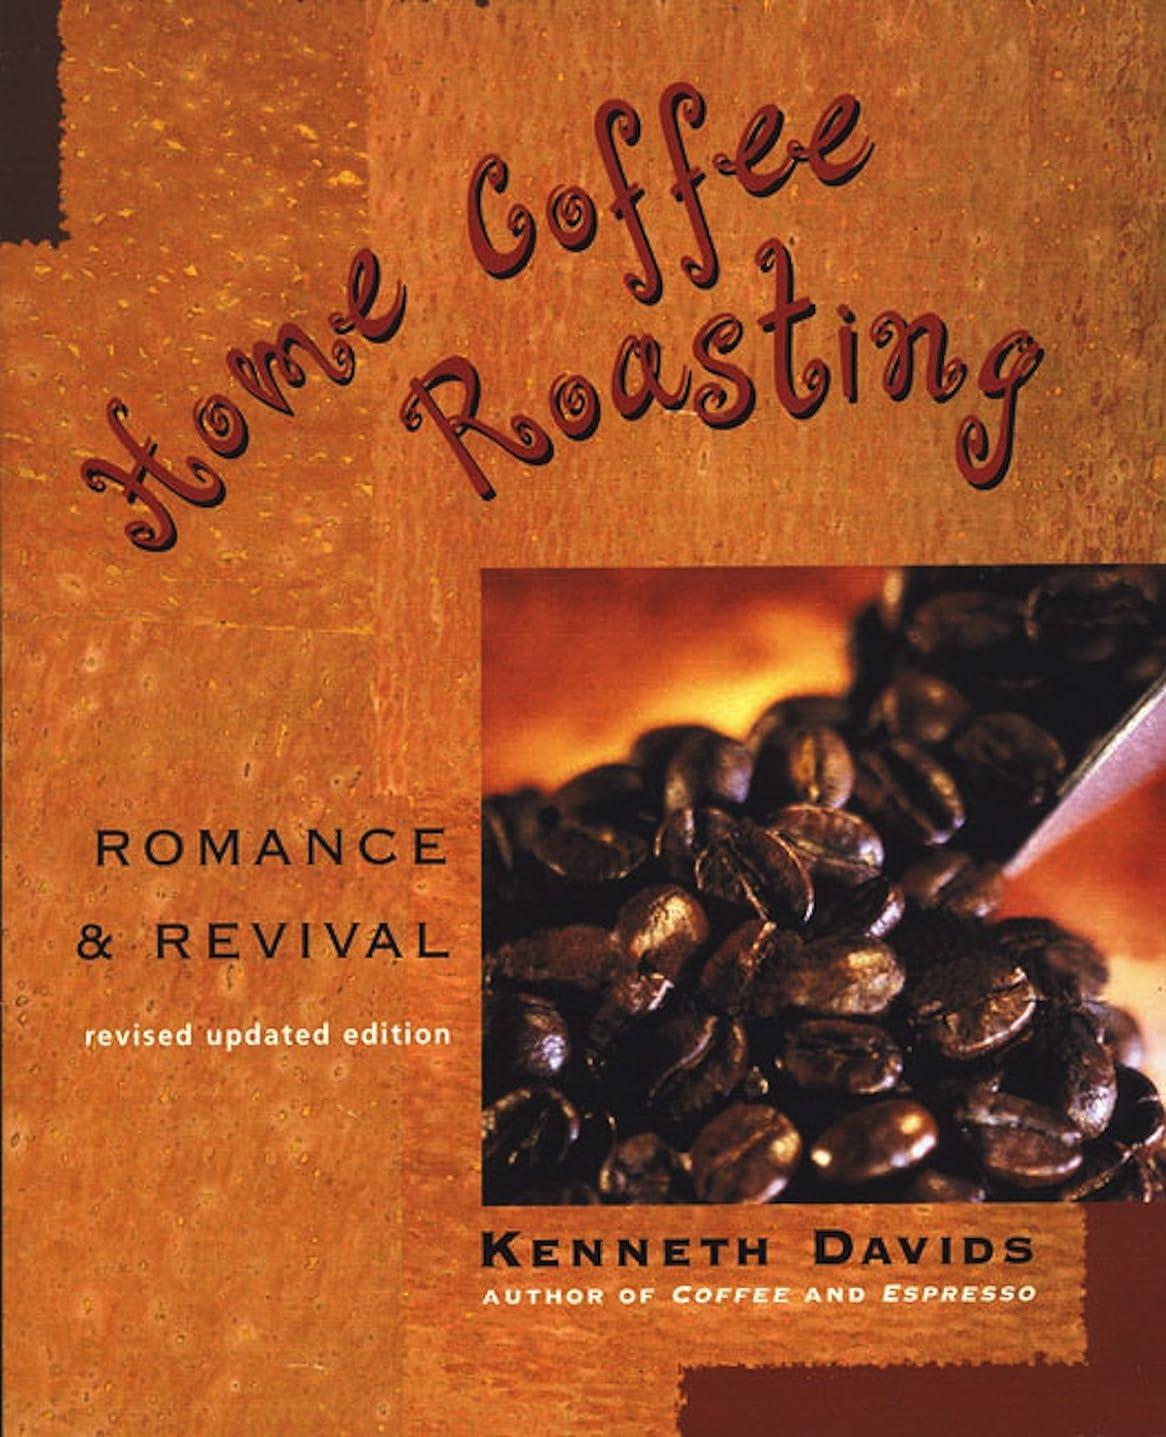 決定するナットミッションHome Coffee Roasting, Revised, Updated Edition: Romance and Revival (English Edition)